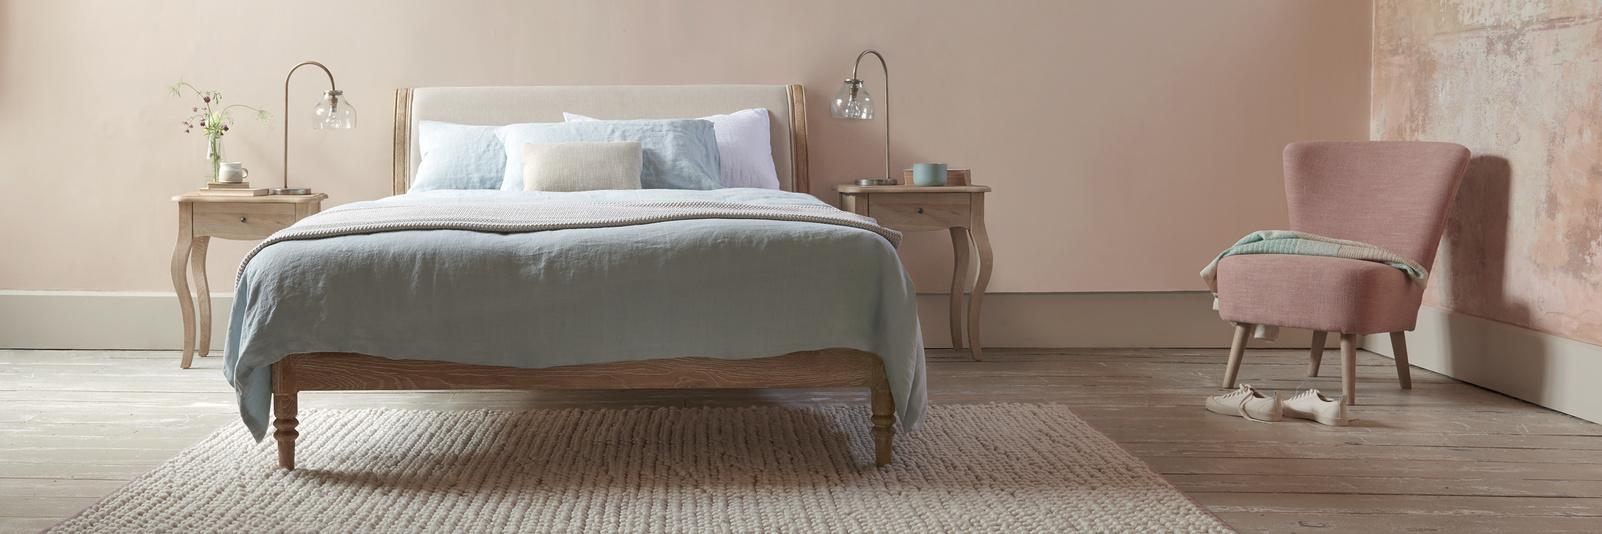 Wooden Beds | Wooden U0026 Painted Bed Frames | Loaf